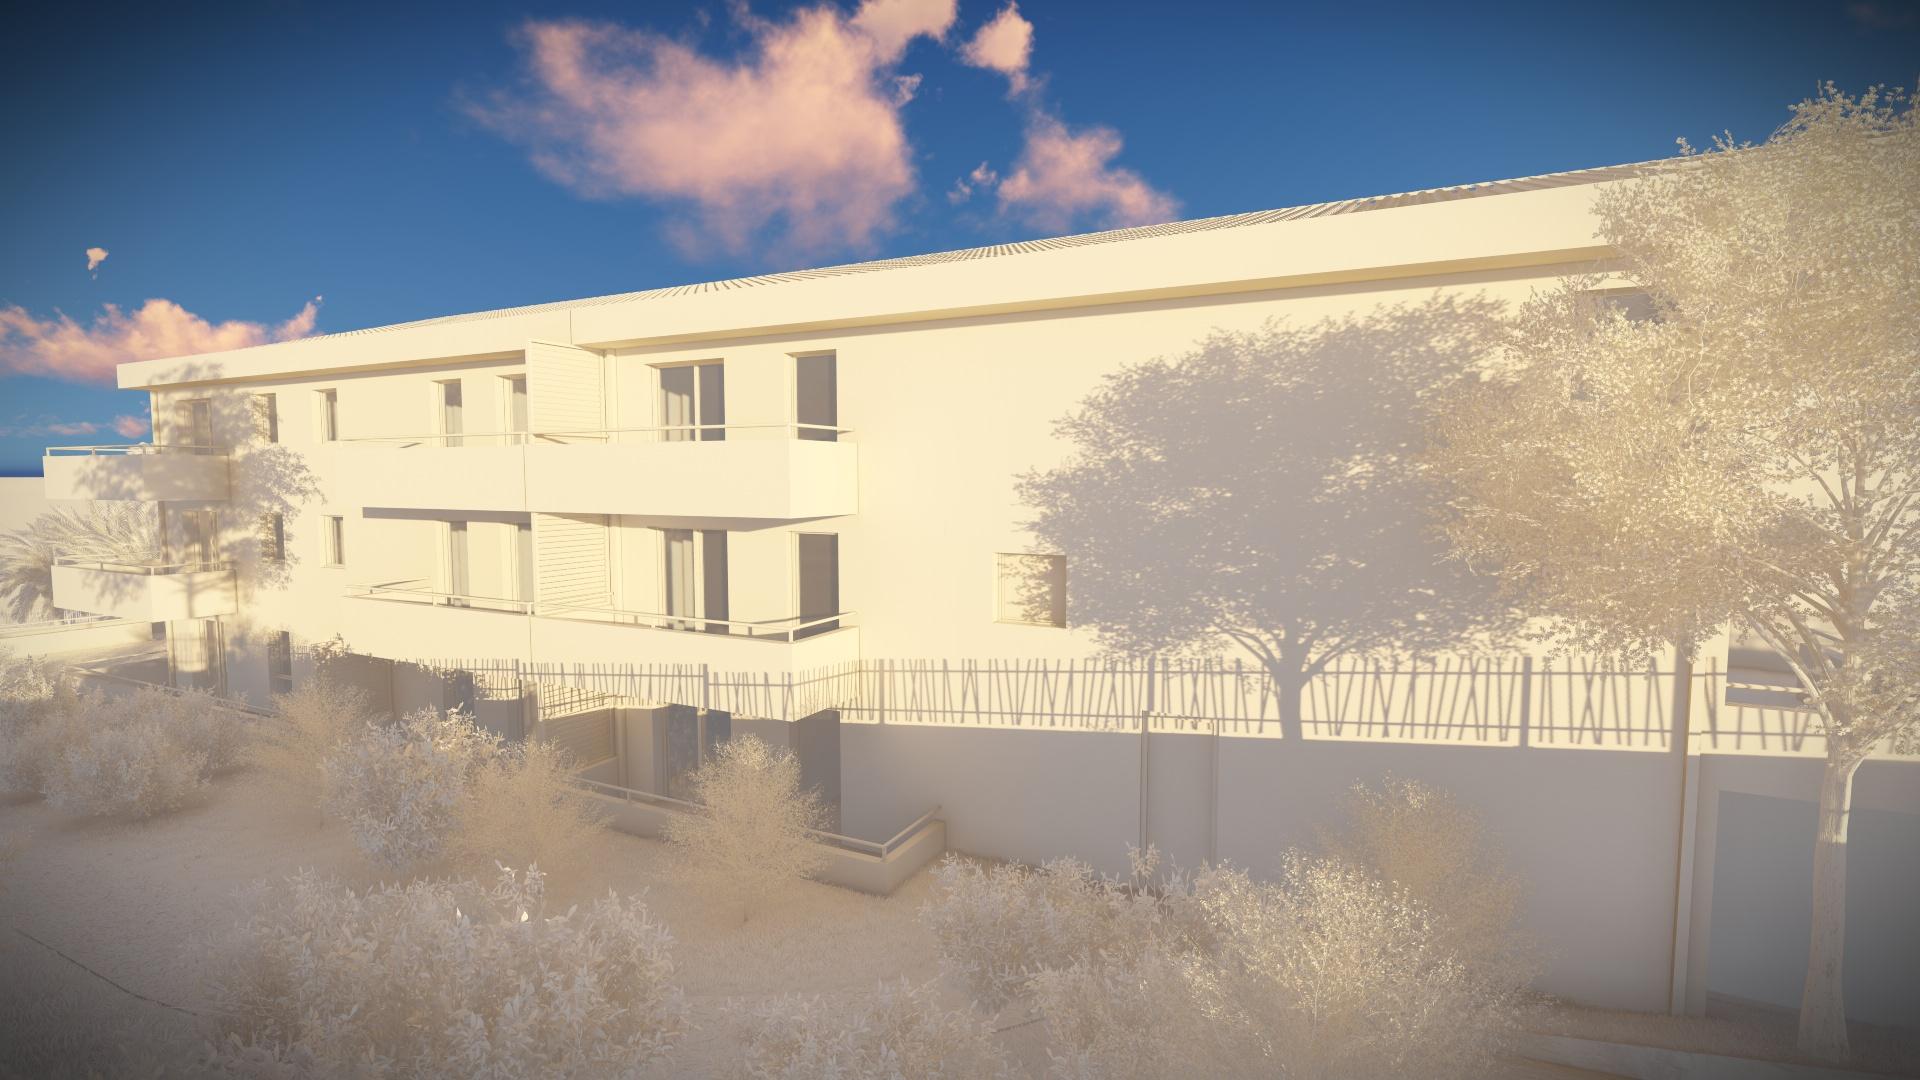 Bleu Horizon - Sogima -Immobilier à La Ciotat - Animation 3d